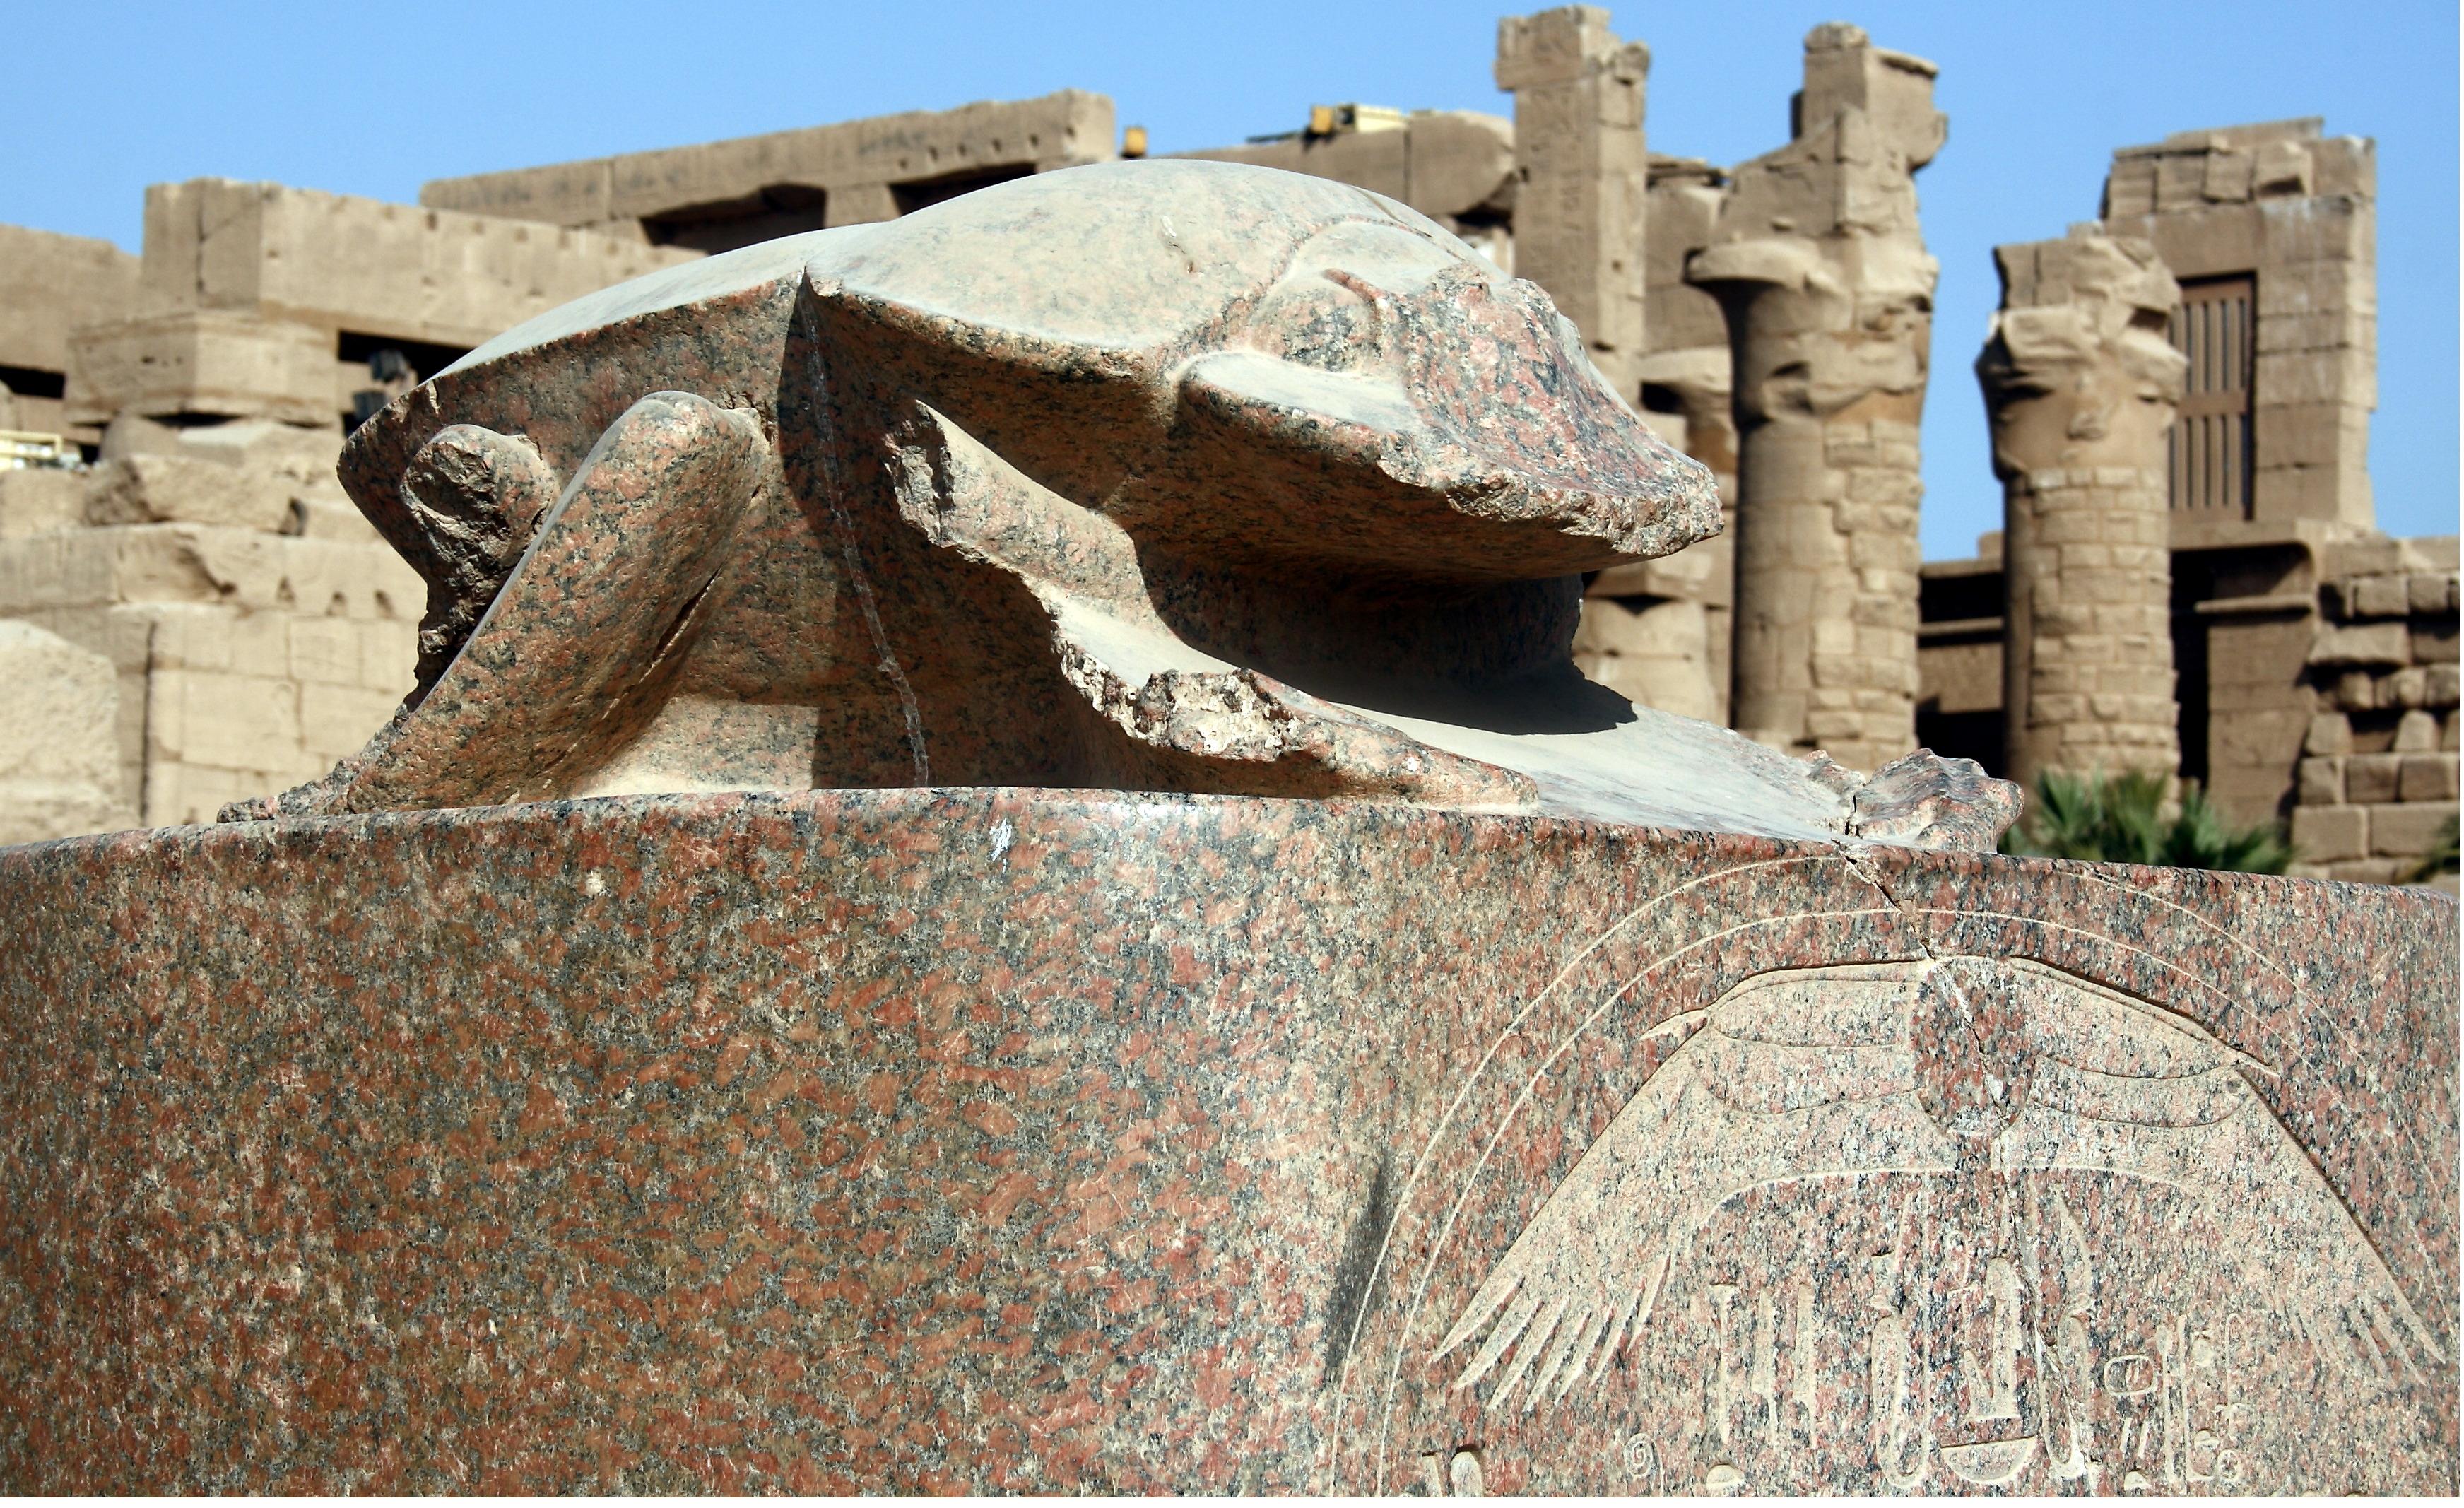 File:Karnak temple, Skarabäus 9518.JPG